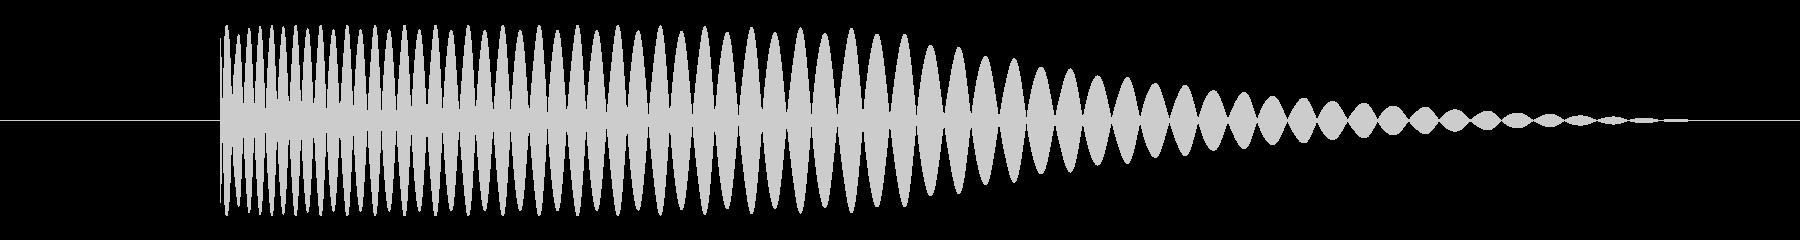 ベース サブキックショート02の未再生の波形